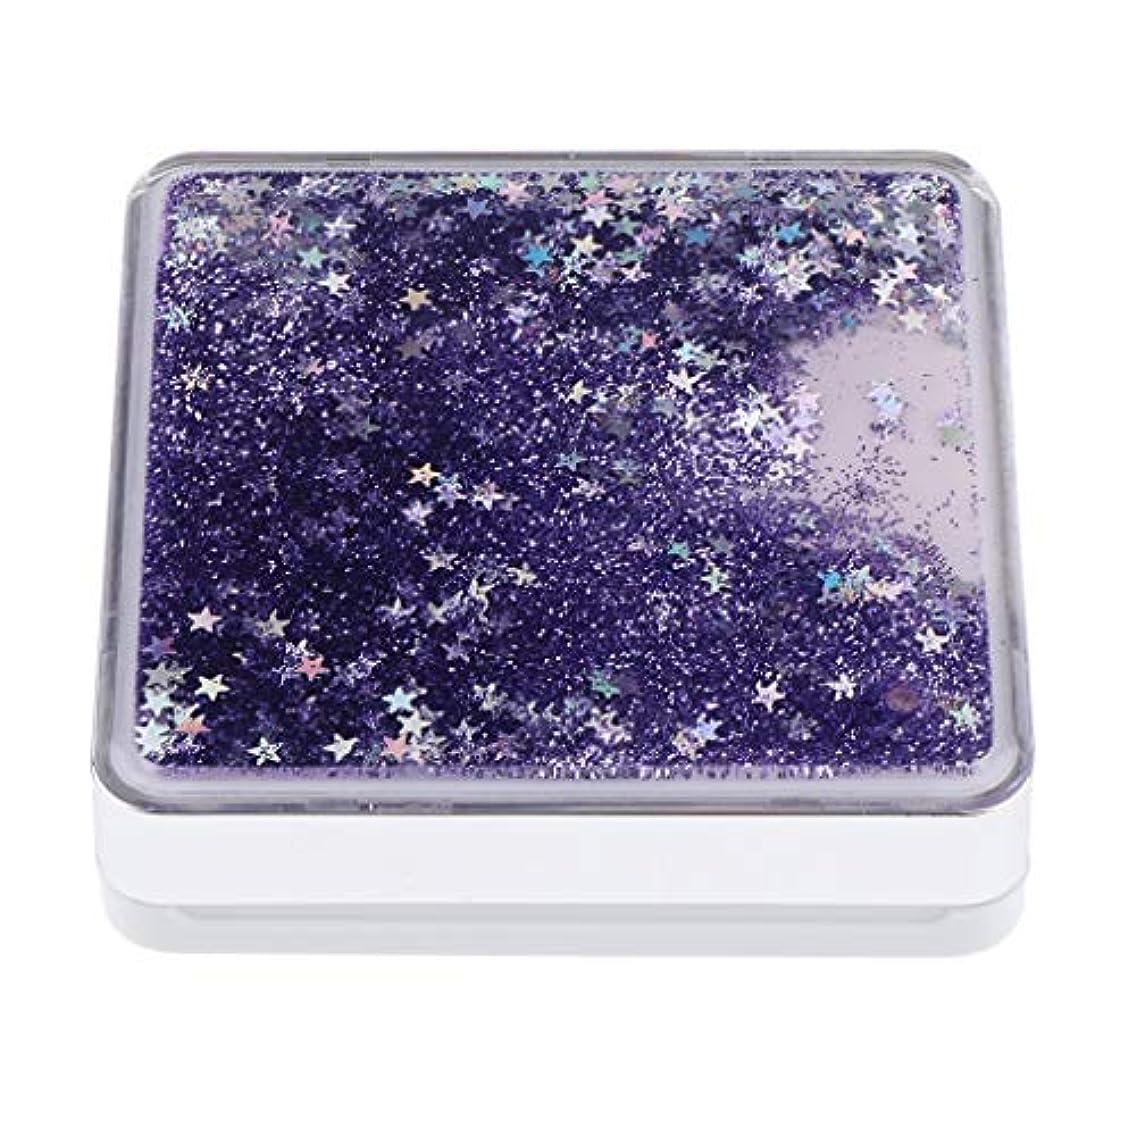 信念ブレーキ首謀者エアクッションケース パフ 化粧鏡 ミラー付き コンパクト 旅行小物 化粧品ケース 3色選べ - 紫